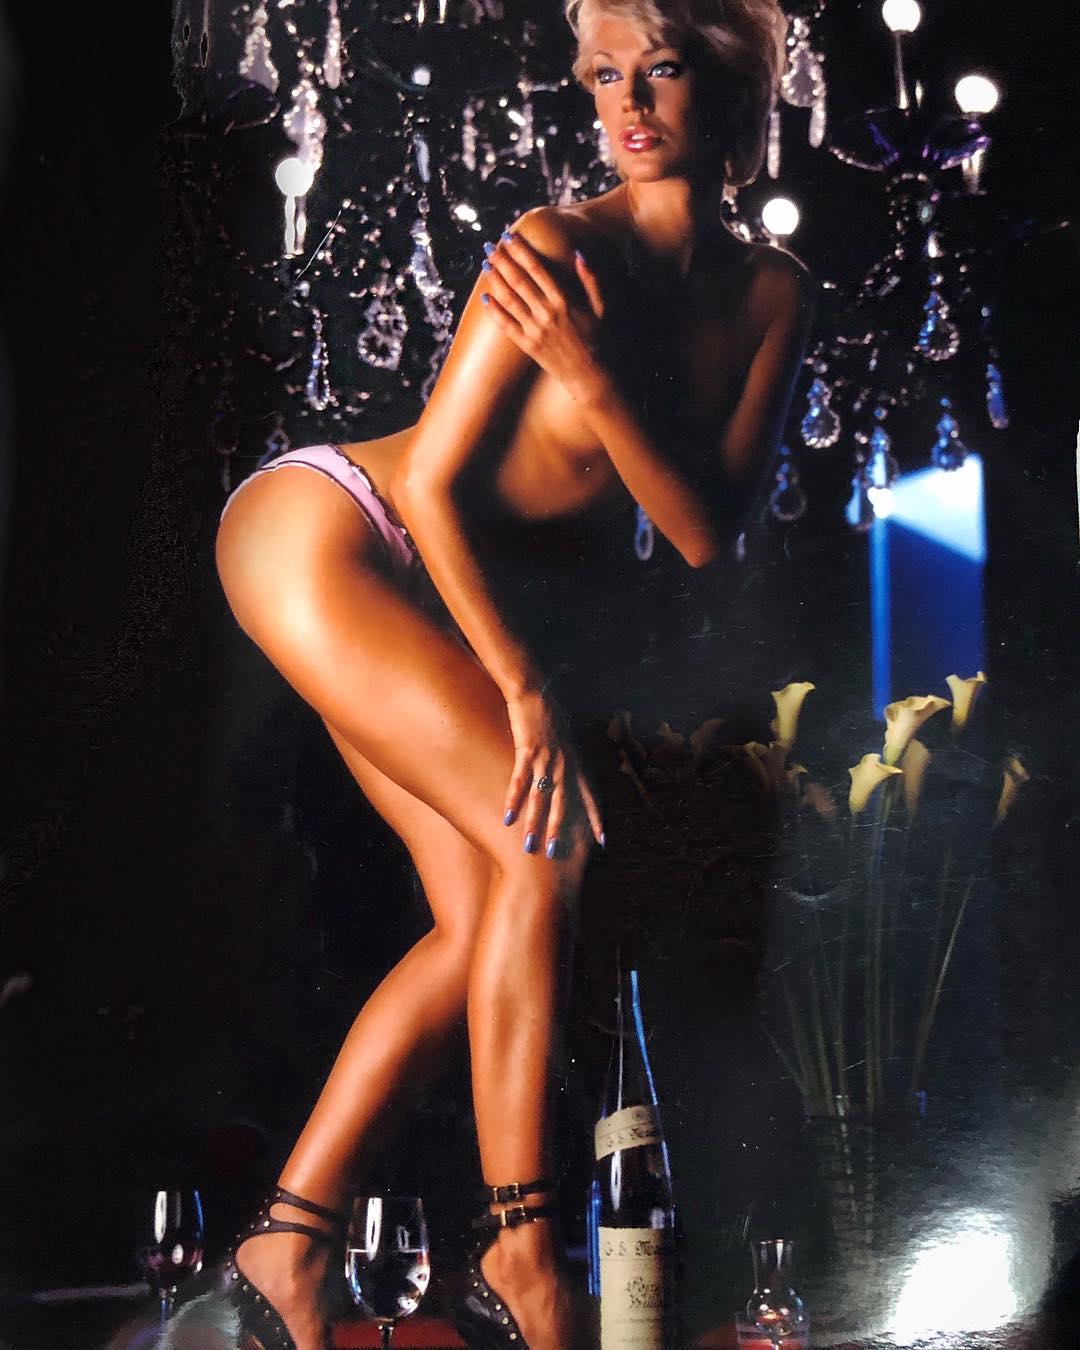 Таня терешина эротический, секс аппараты для увеличения члена